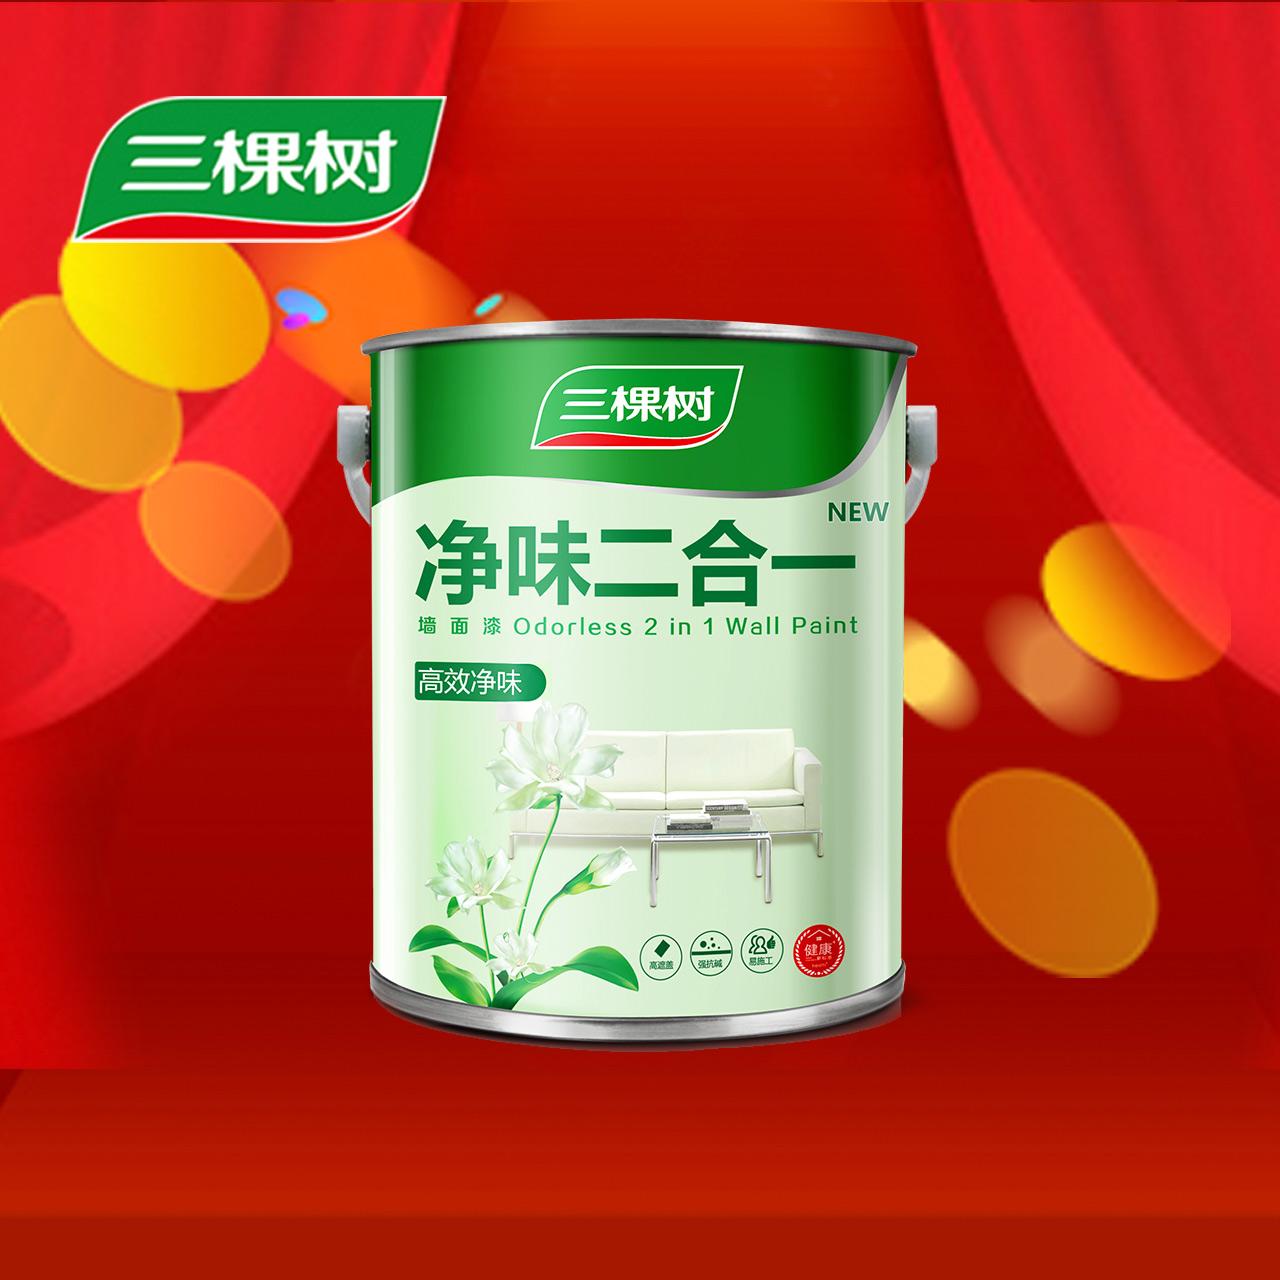 三棵樹內牆乳膠漆 健康 淨味二合一牆麵漆 油漆塗料5L